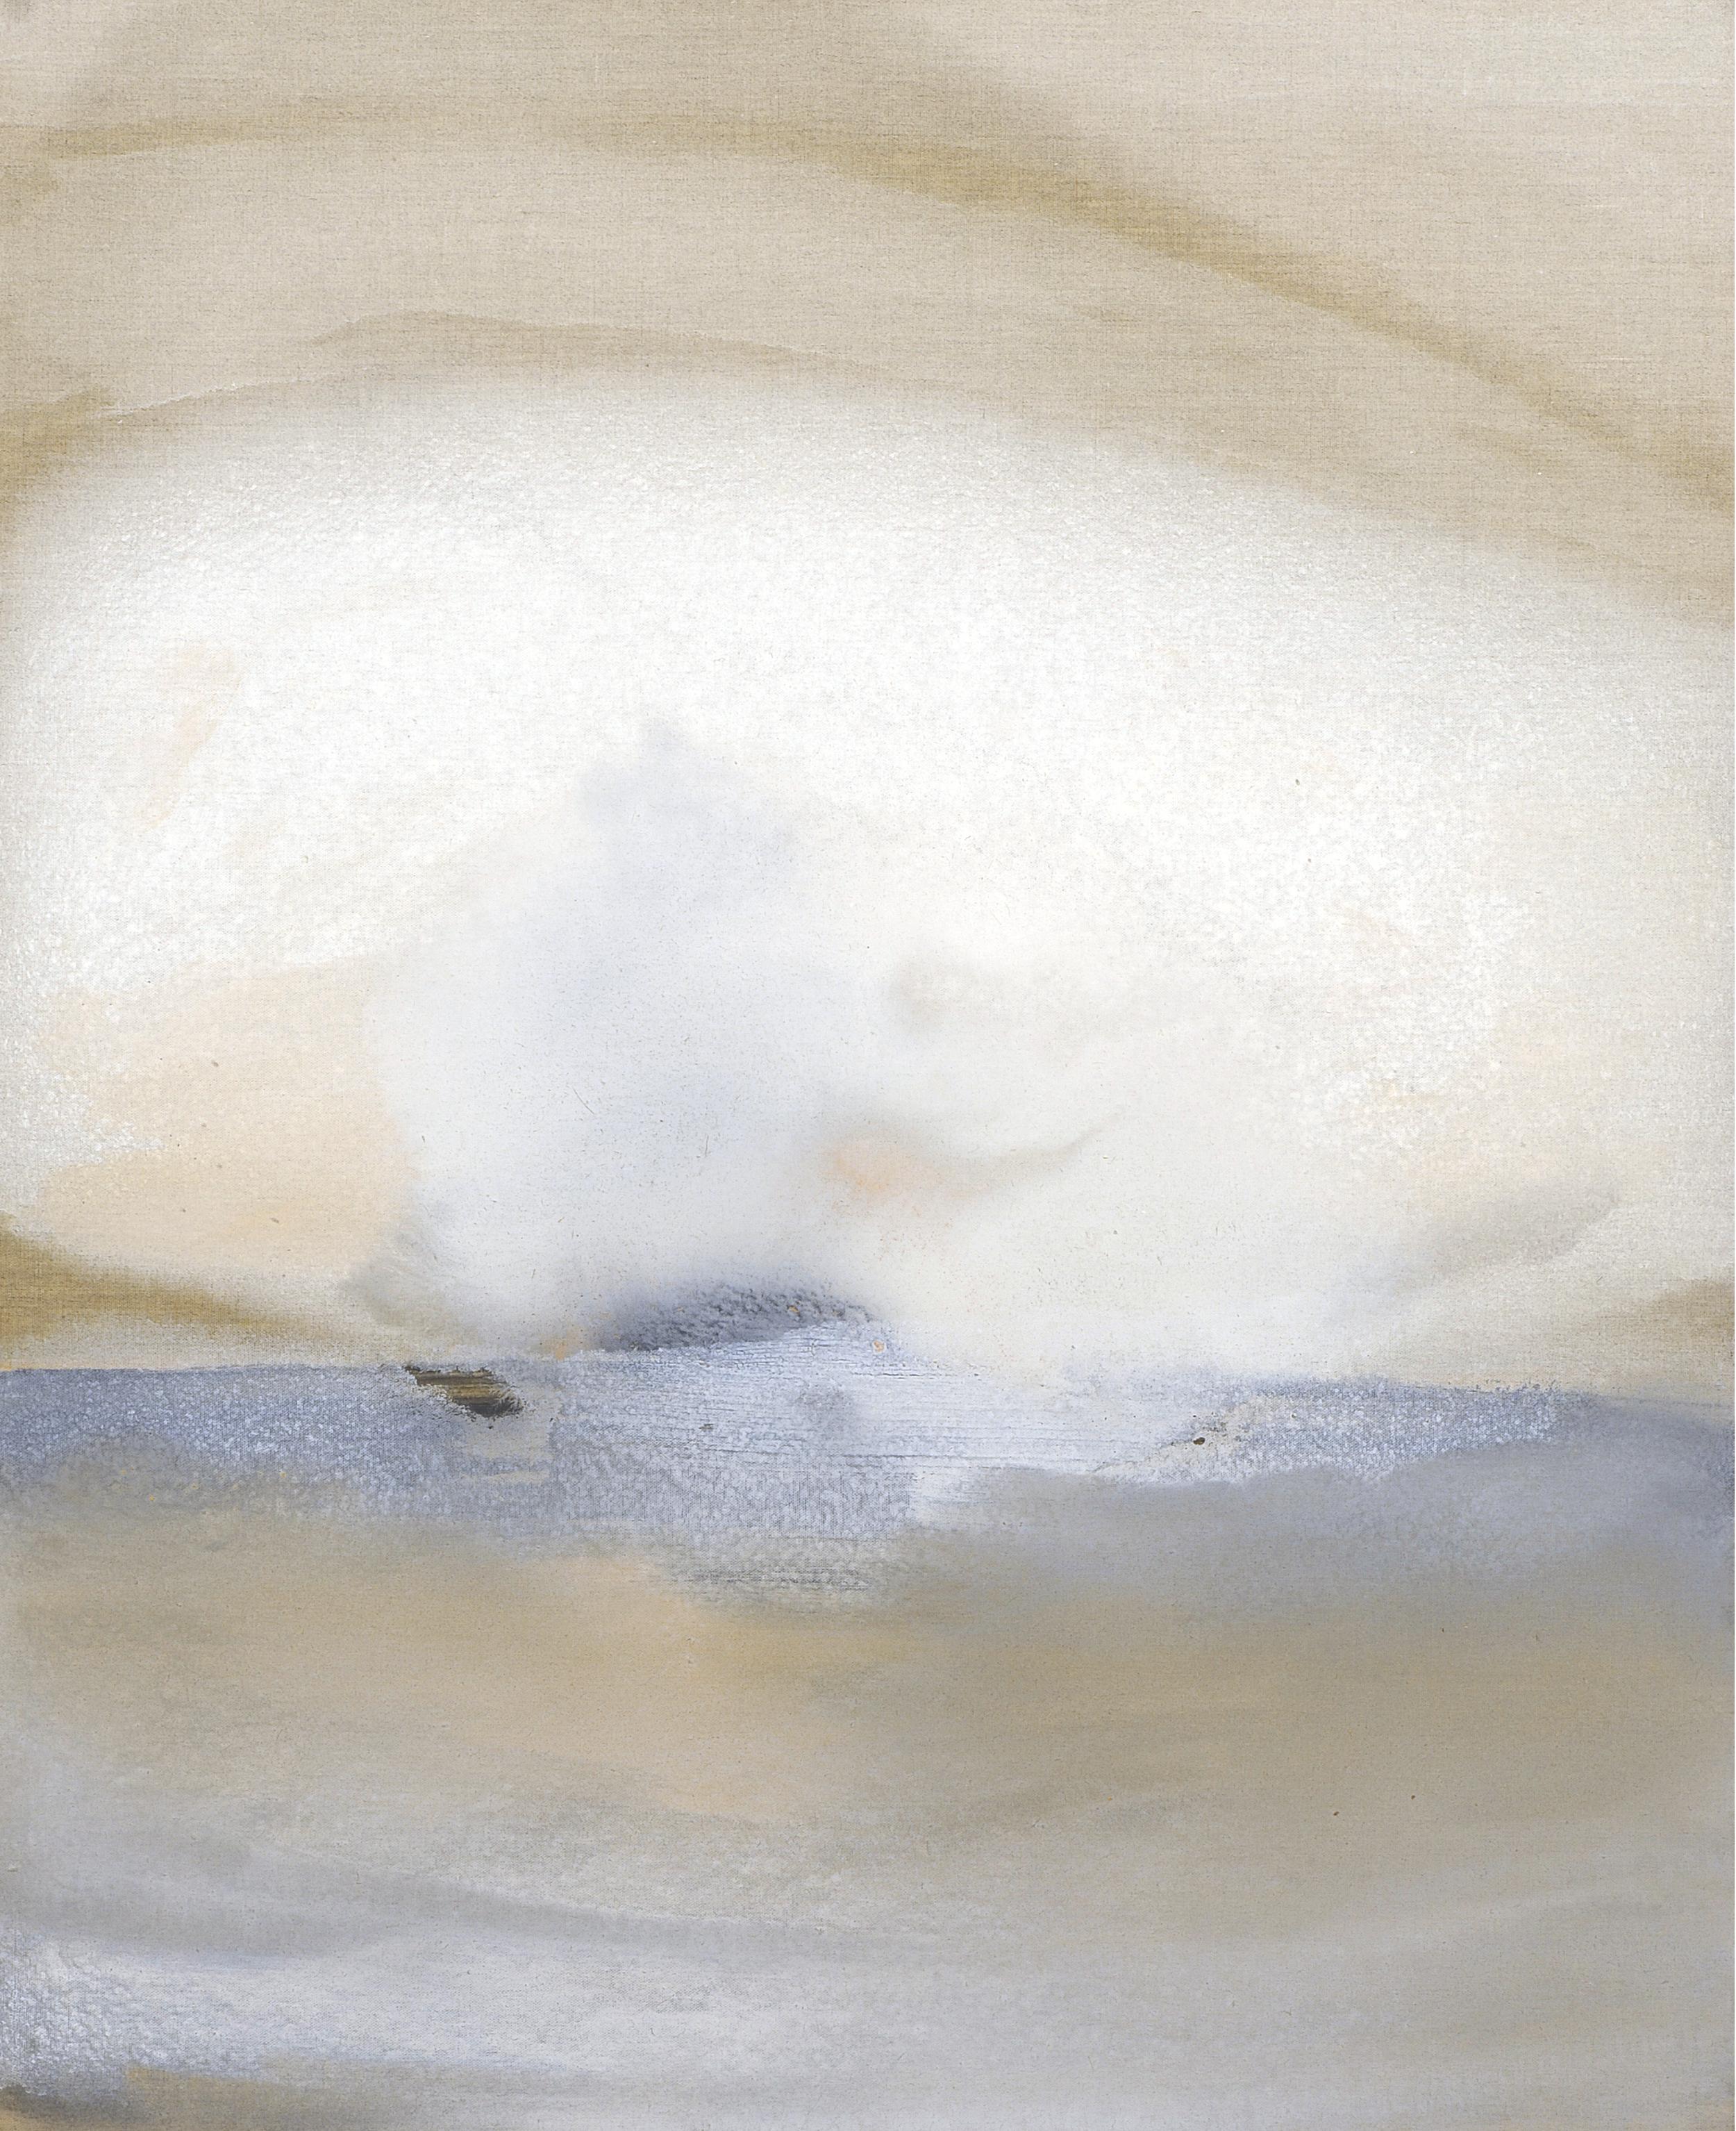 13 novembre, 2008, olio su tela, cm 110 x 90  13 novembre, 2008, oil on canvas, cm 110 x 90